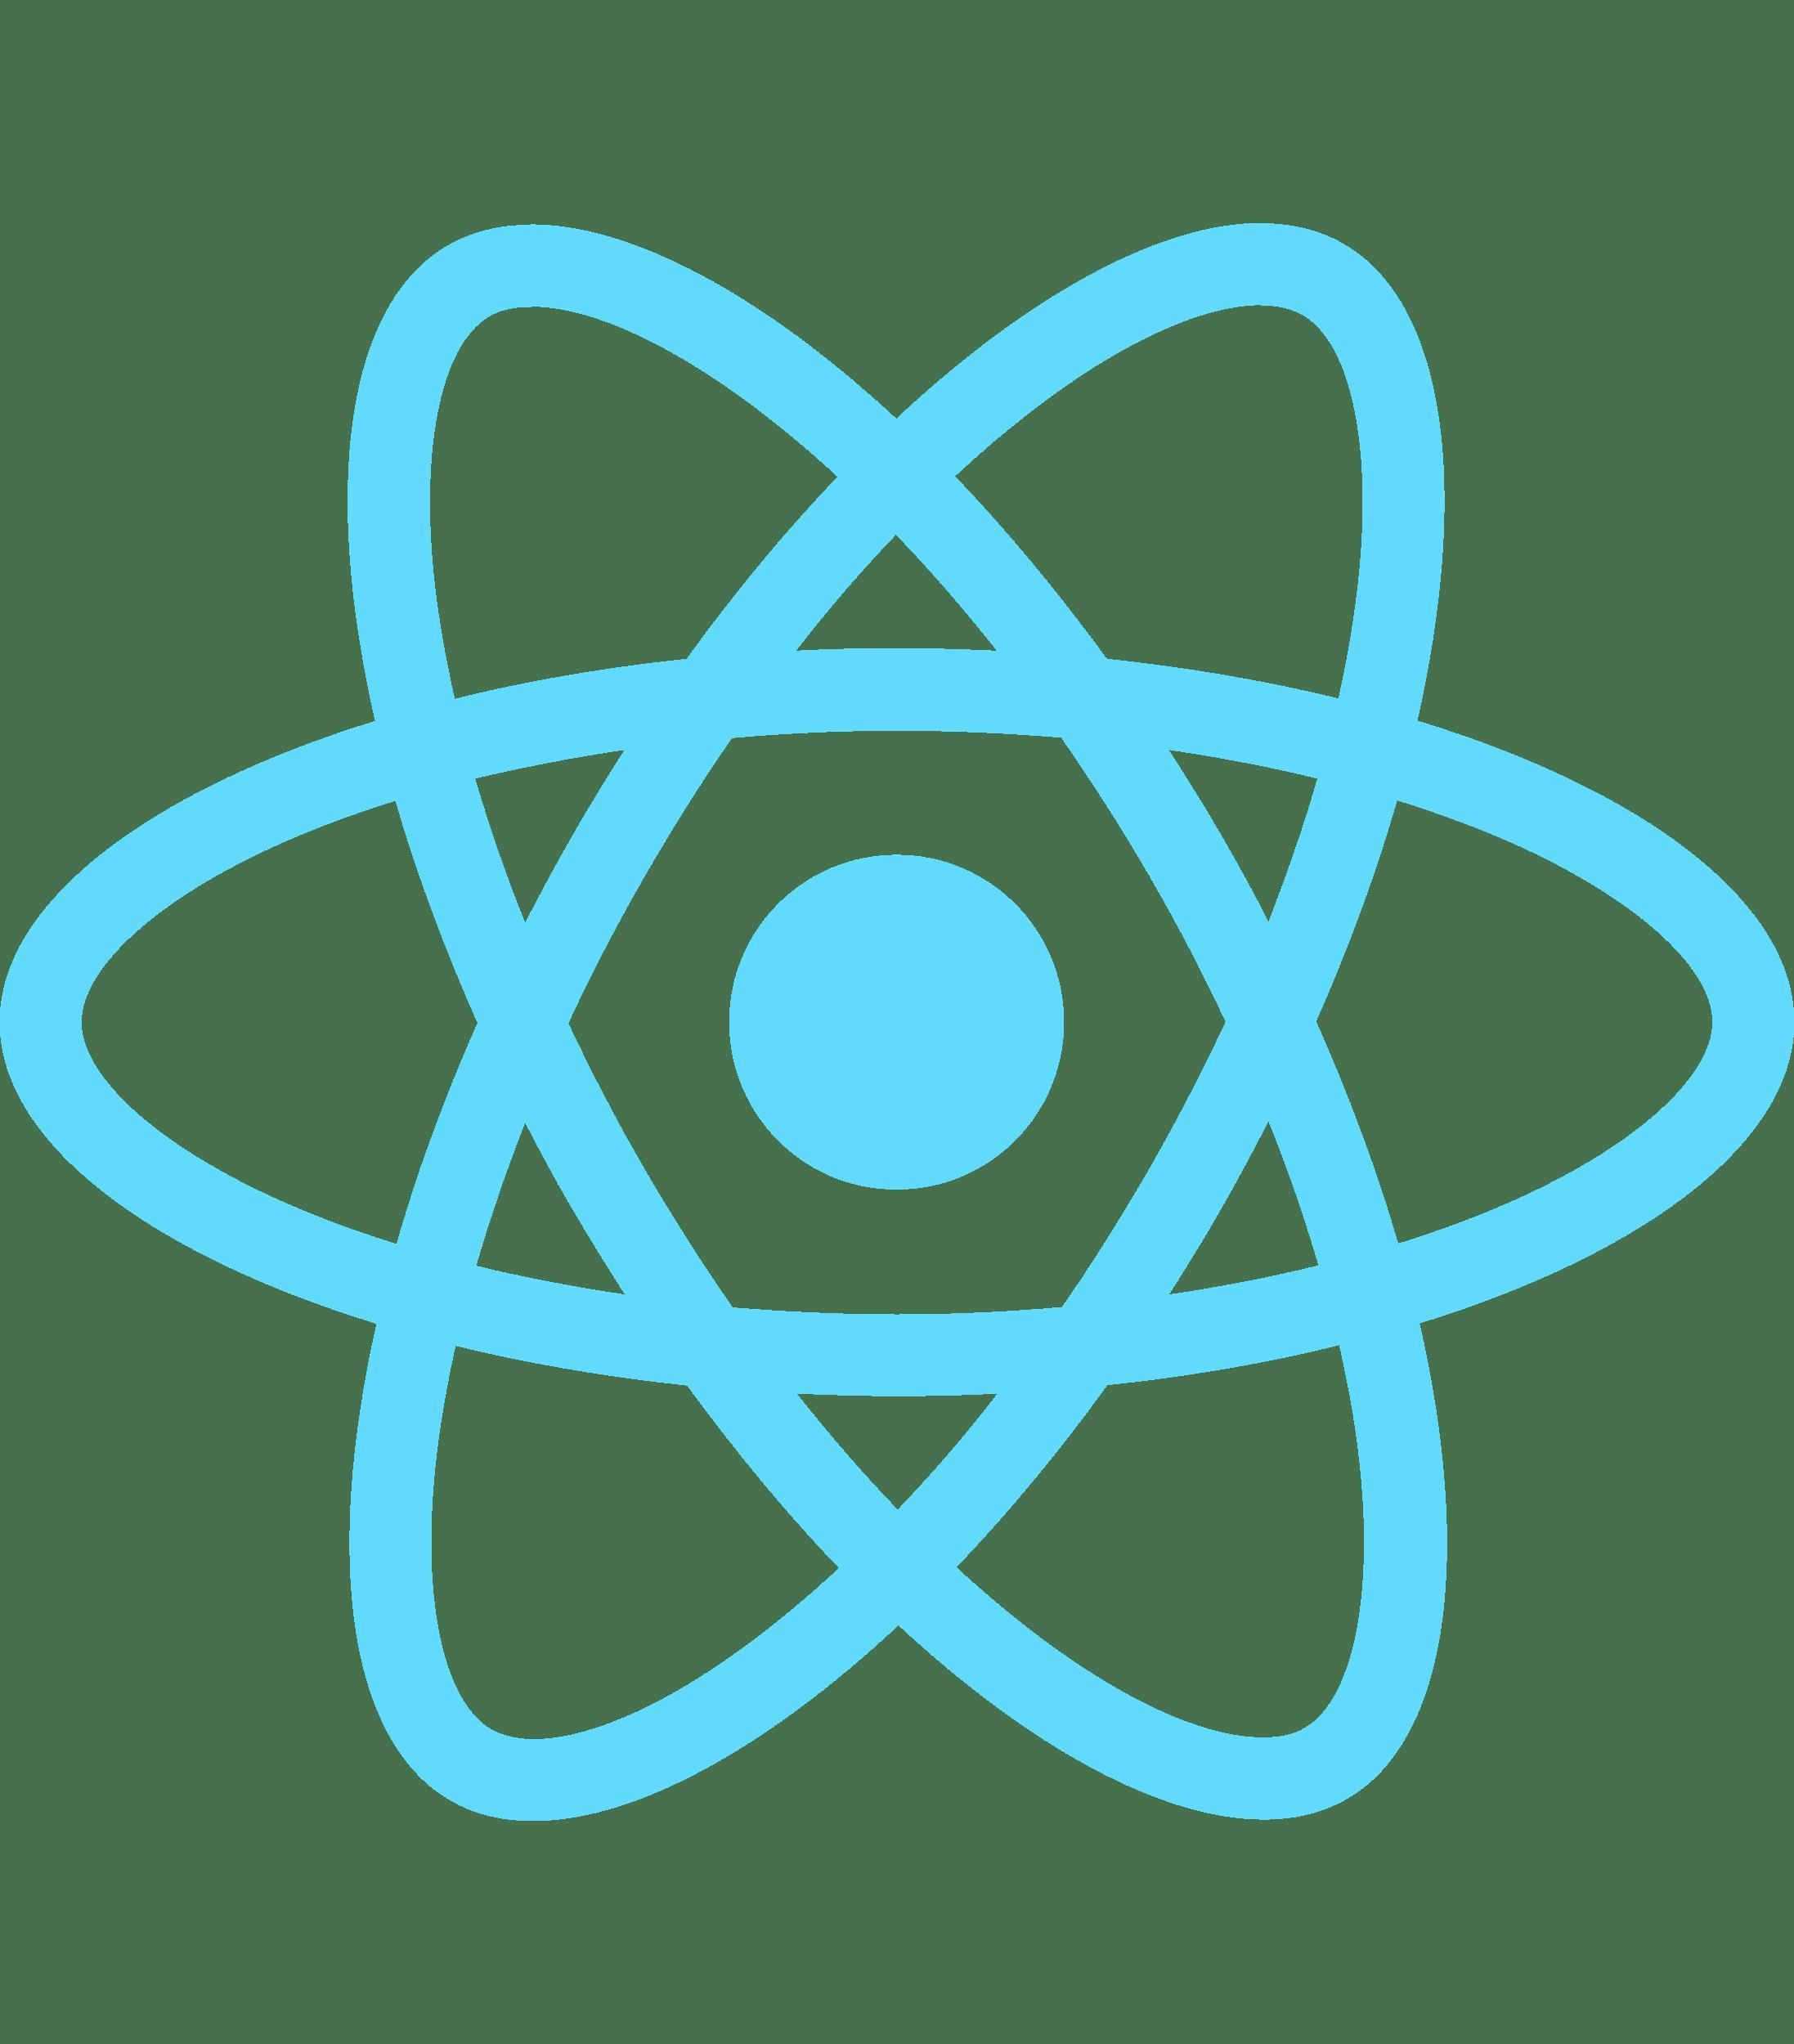 pengembangan aplikasi web app react Beranda